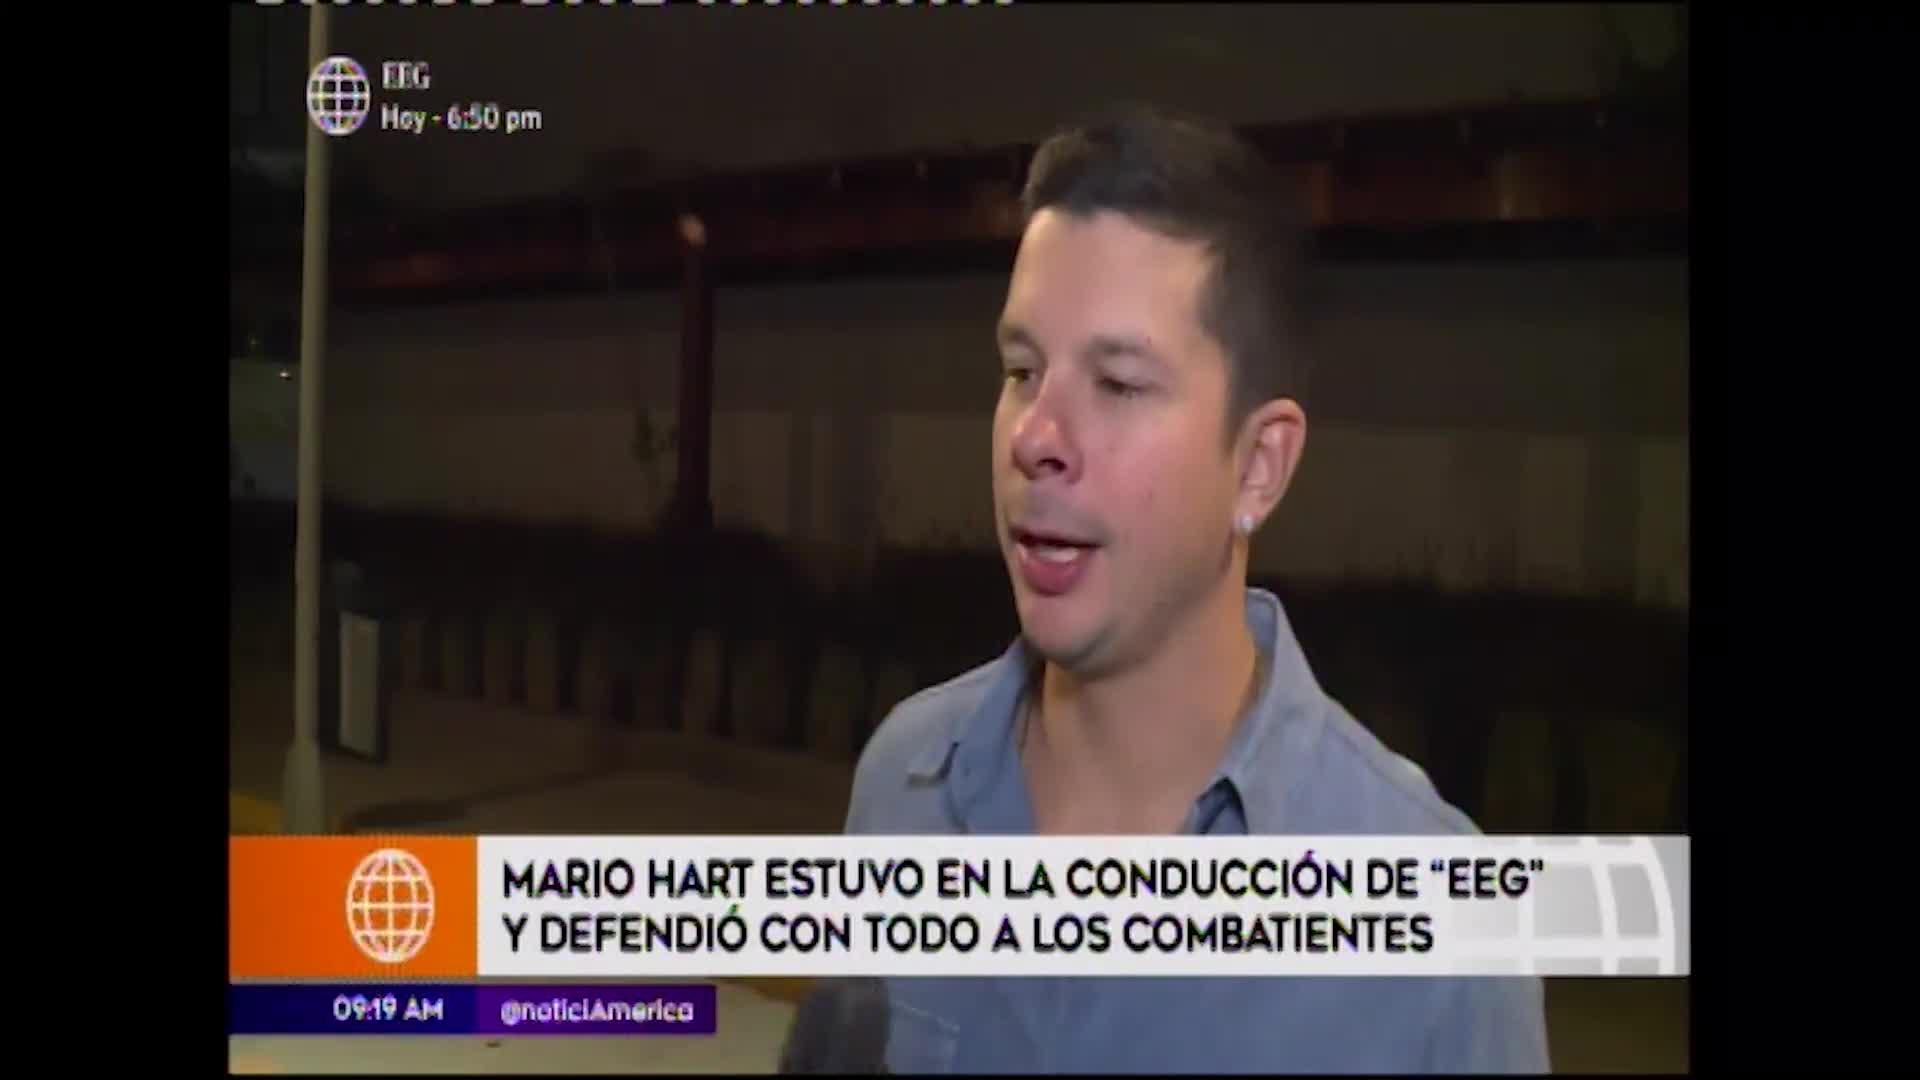 EEG: Mario Hart regresó al reality para defender a los combatientes